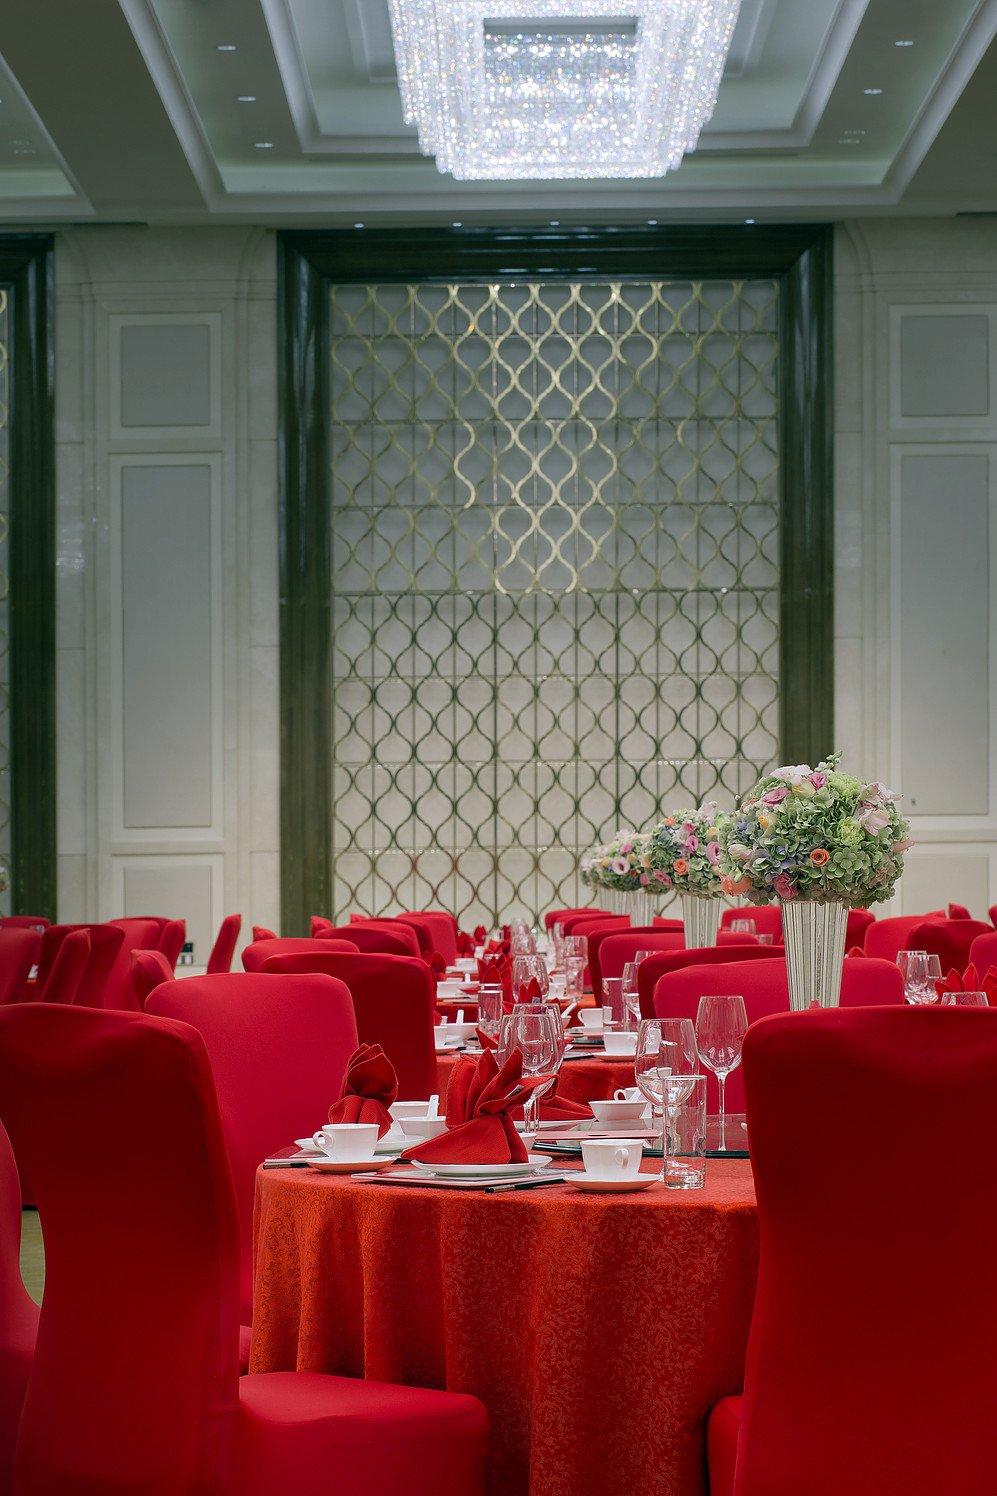 玩东湖磨山风景区,住武汉汉口泛海喜来登酒店